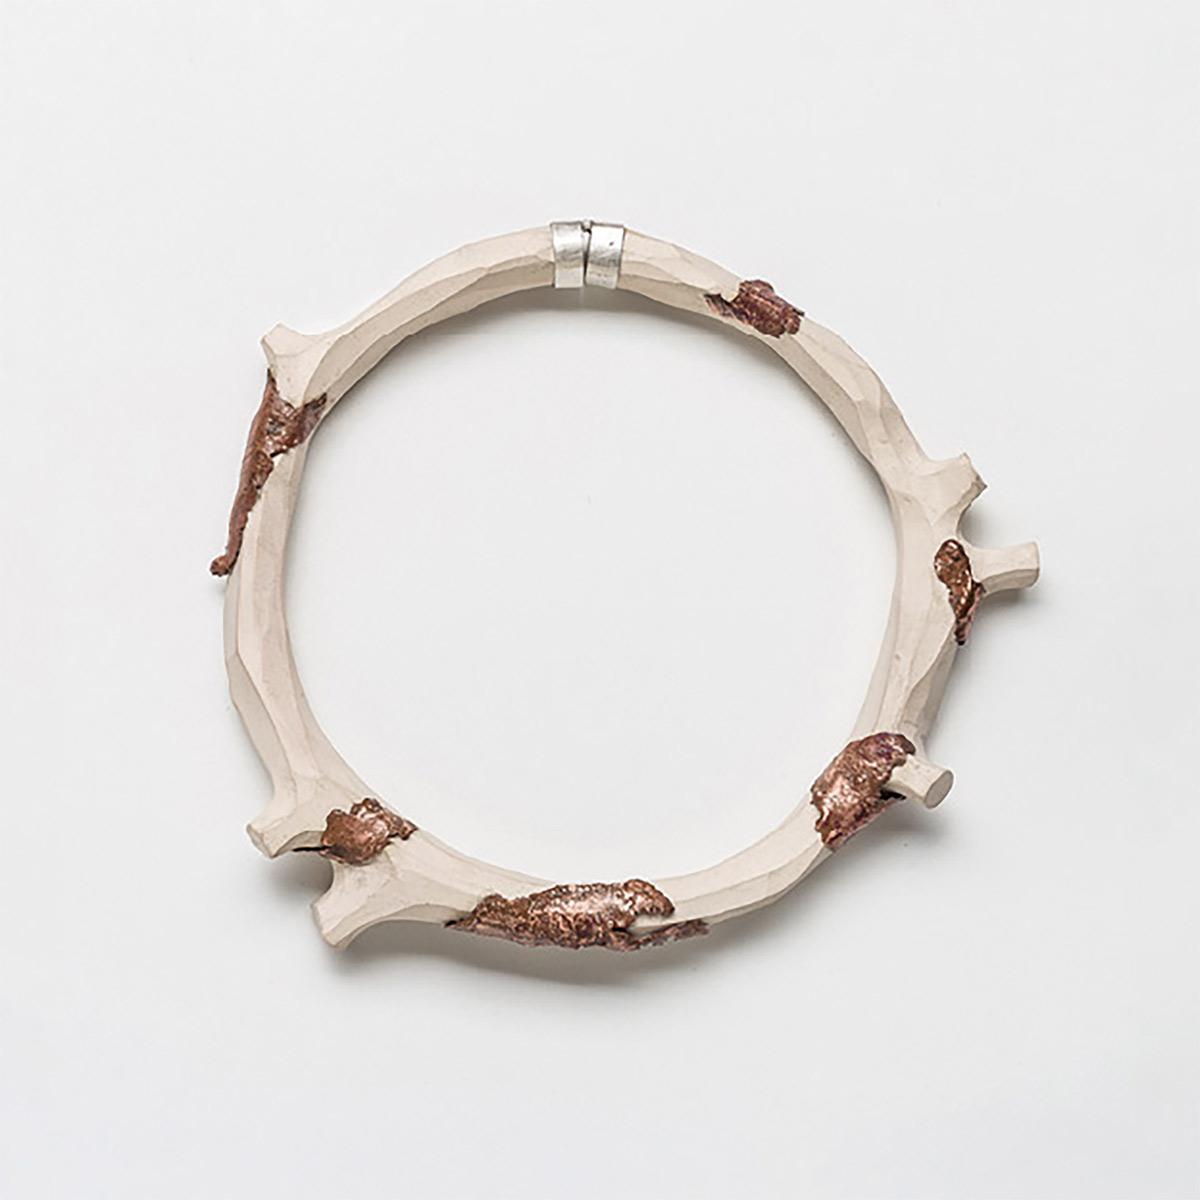 conexiones-entre-joyeria-y-ceramica-nuevas-formulas-de-colaboracion-entre-ceramistas-y-joyeros-01